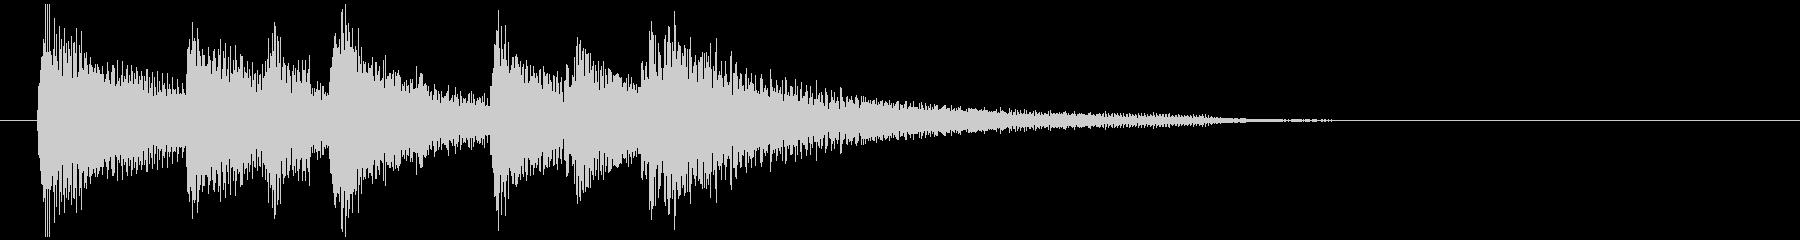 爽やかで晴れやかなウクレレのサウンドロゴの未再生の波形